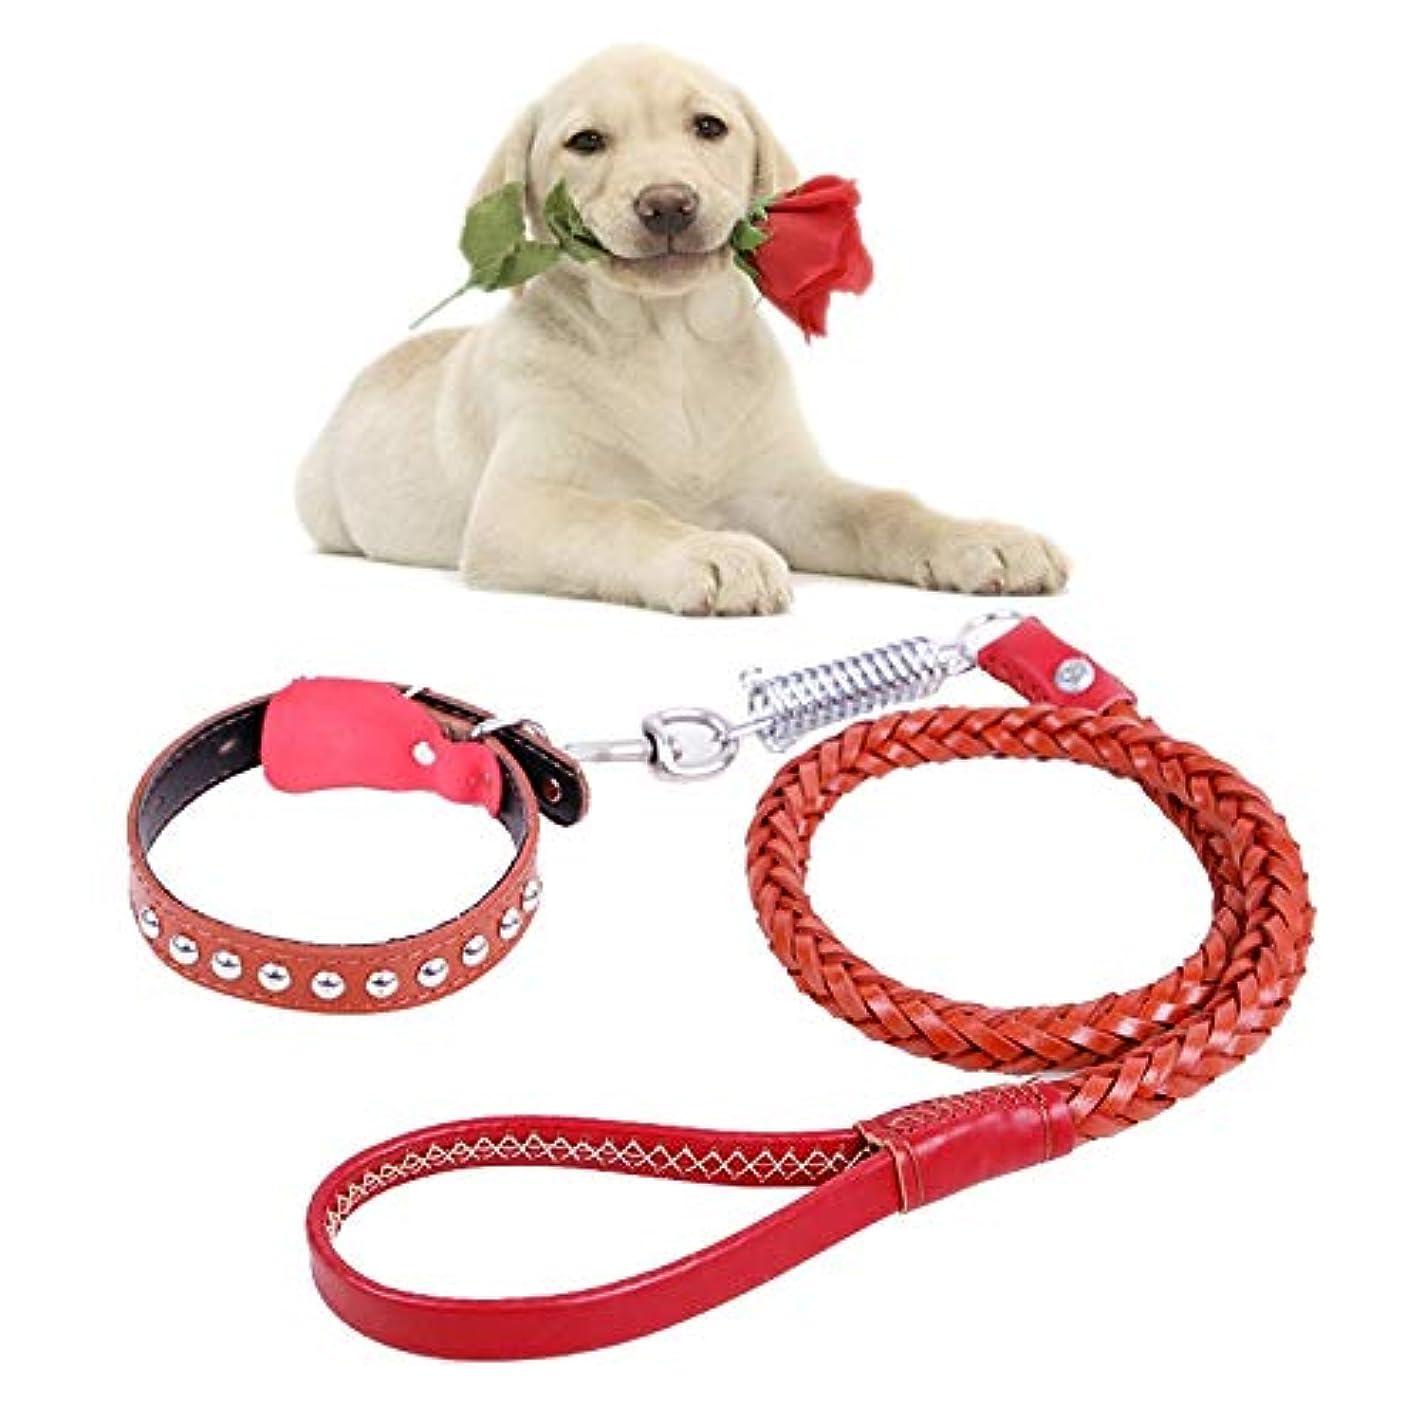 食事後ろ、背後、背面(部ライオネルグリーンストリートKANEED ペットハーネス 中小型犬 猫 散歩 お出かけ用 牛の皮の牽引ベルト犬の首輪伸縮犬のロープ、中型および大型犬に適して、L、ロープの長さ:130cm首輪のサイズ:43-55cm (色 : Brown)